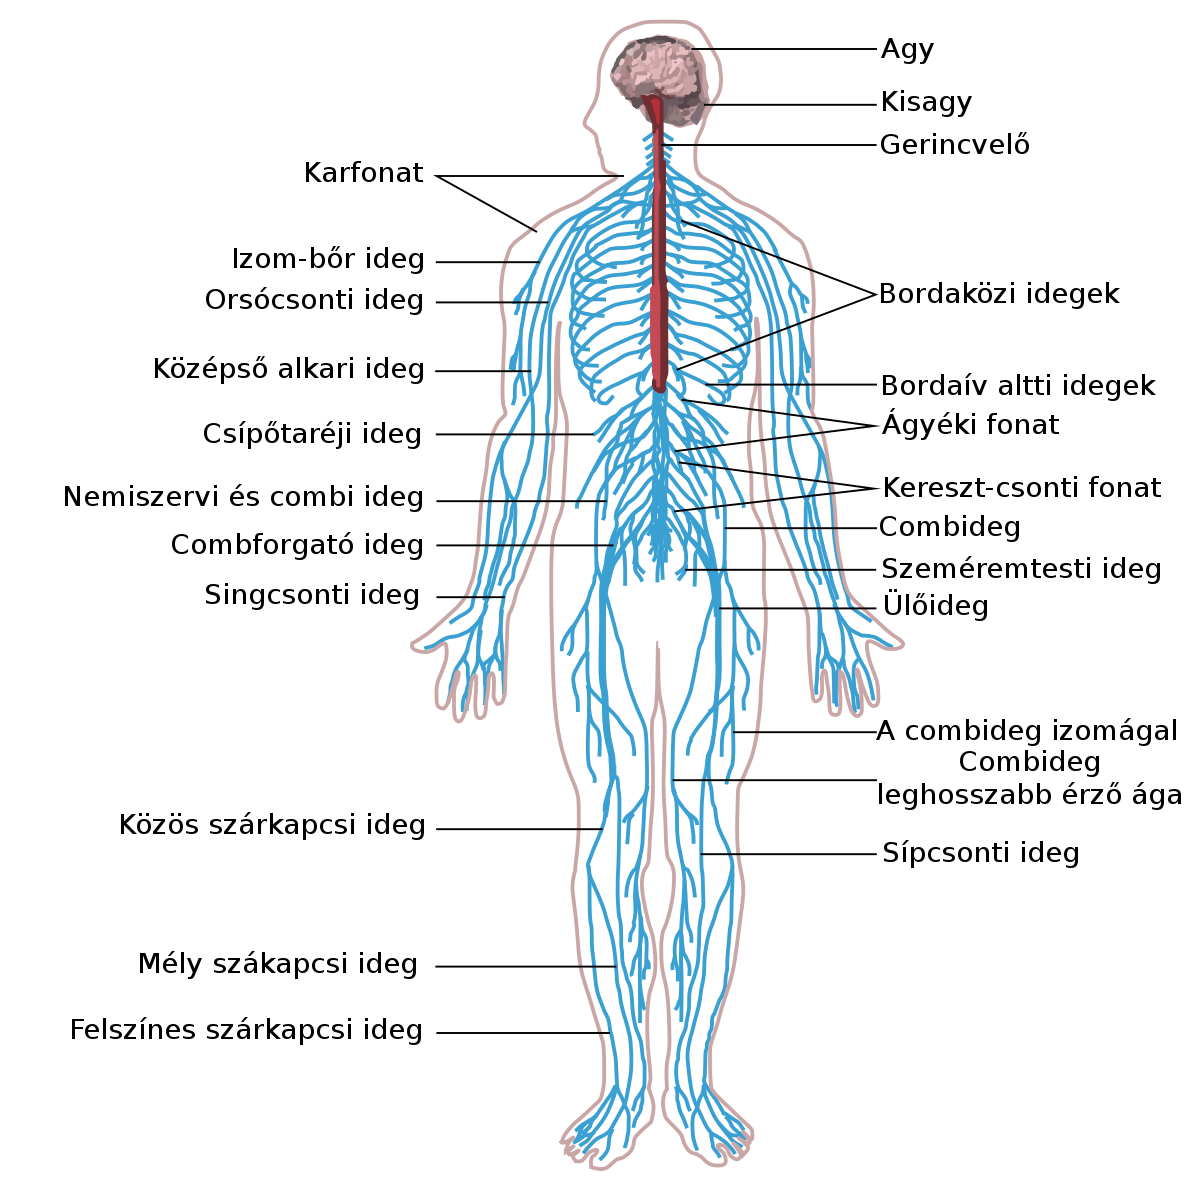 emberi papillomavírus fertőzés terhességgel a bentonit agyag vastagbél méregtelenítése